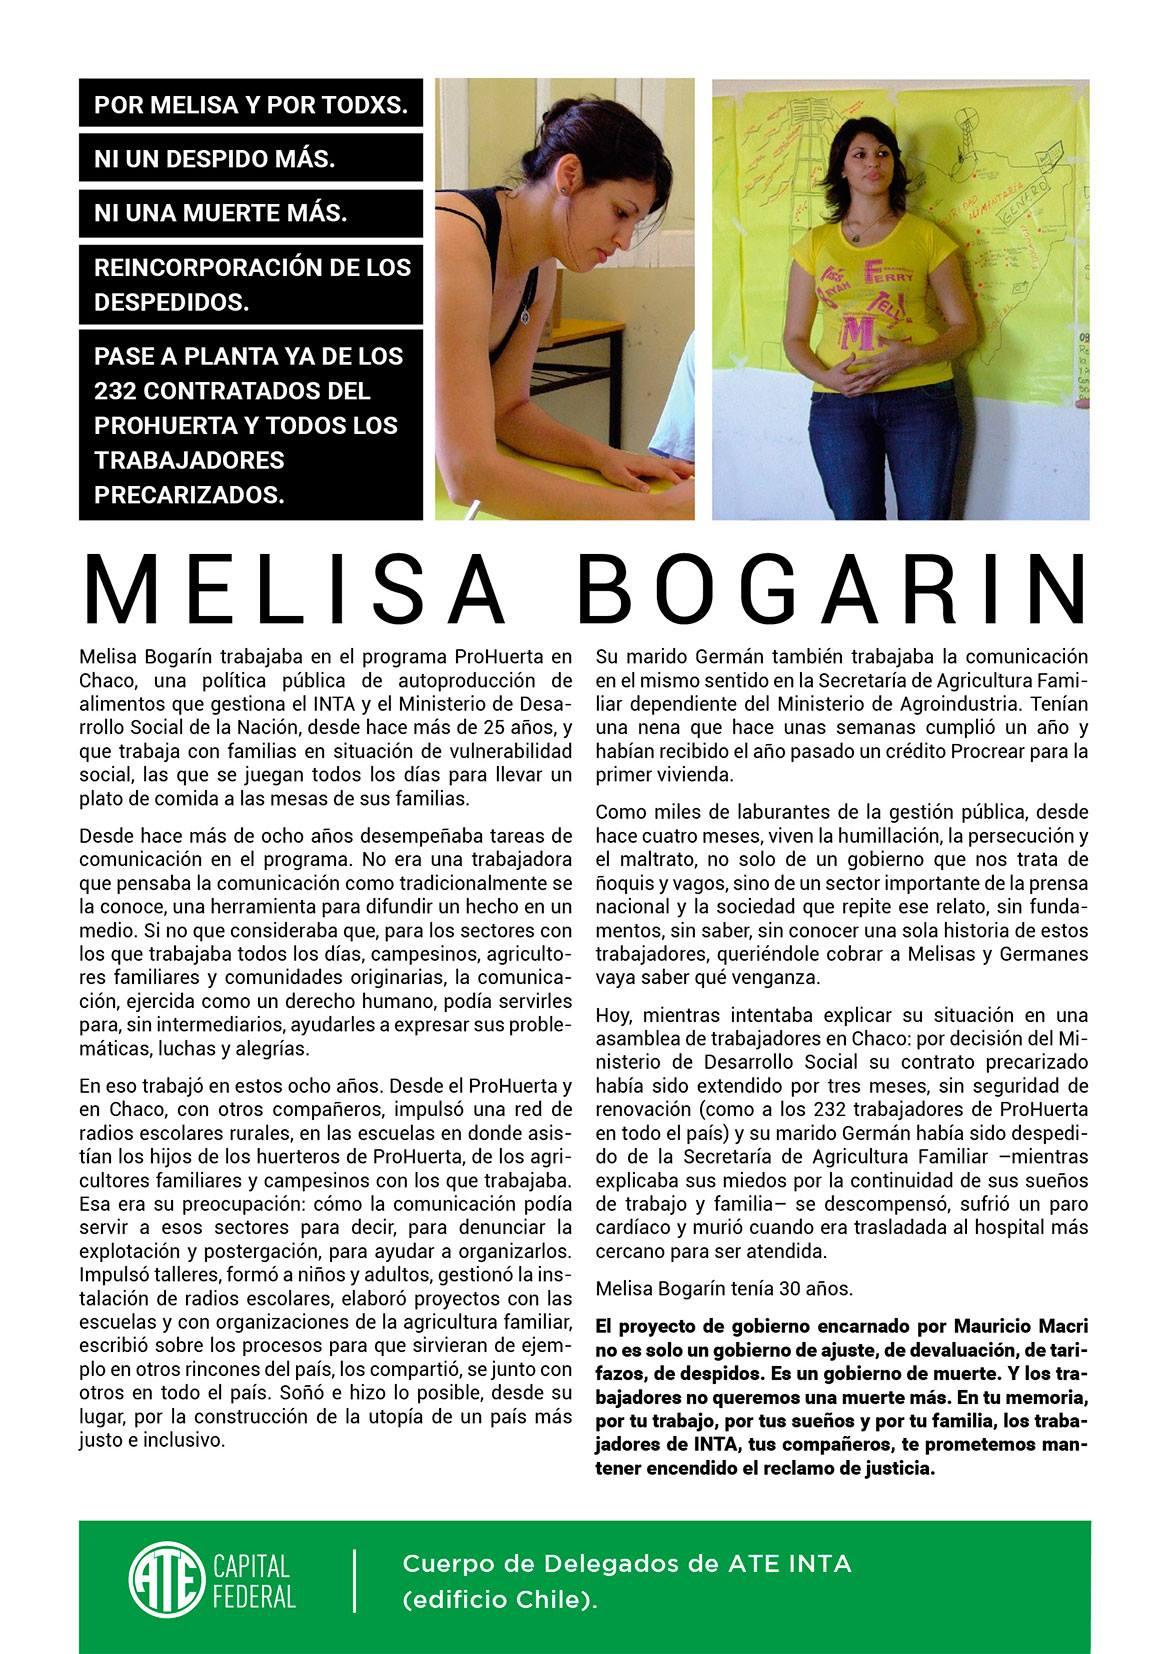 Bogarin.jpg